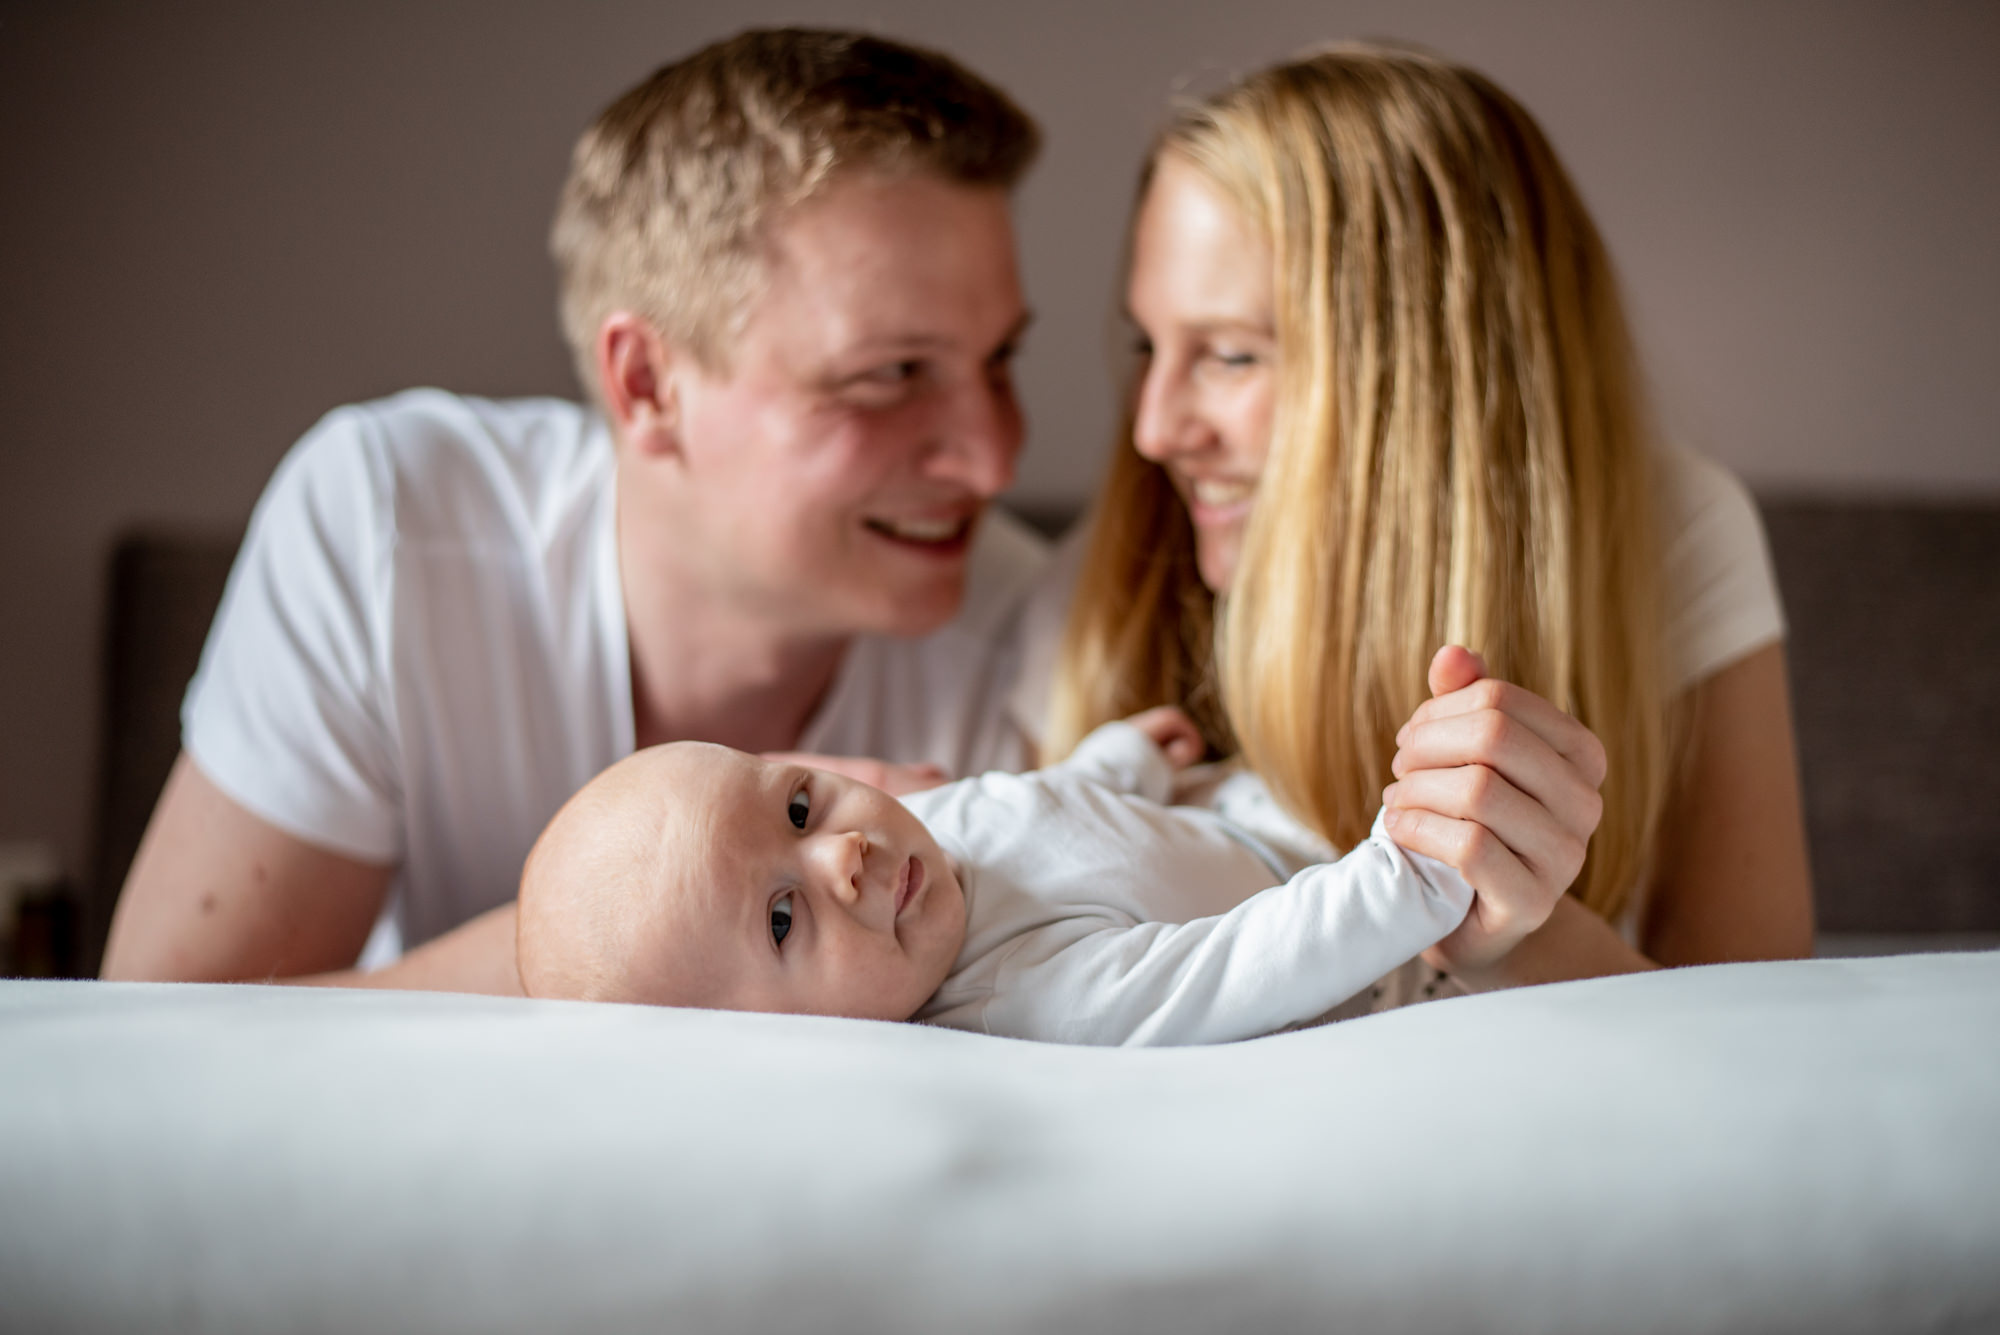 007_babyfotografie.jpg